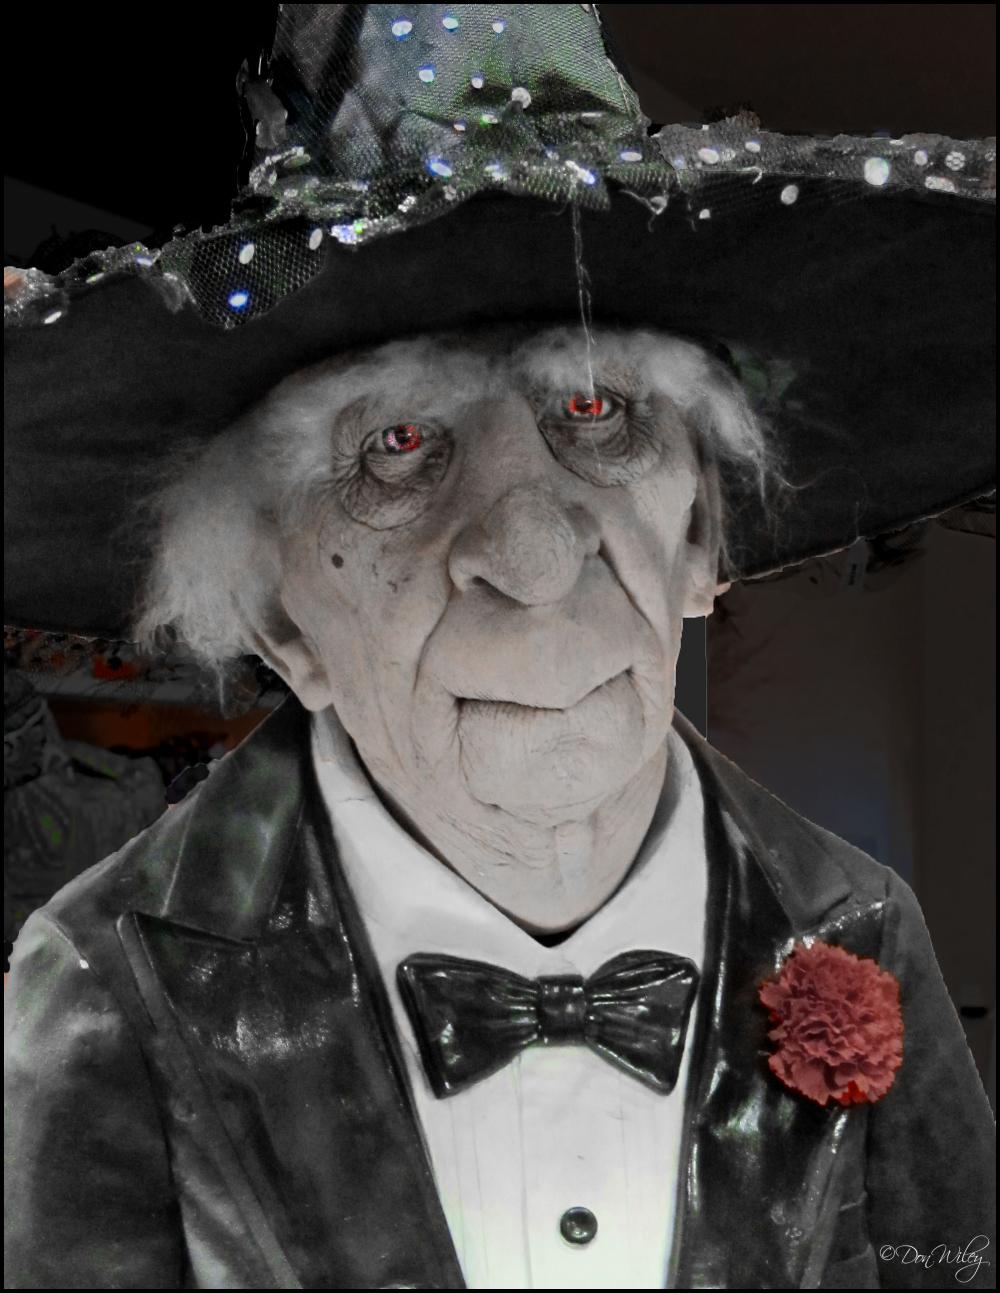 Meet Drulock, the ghoul